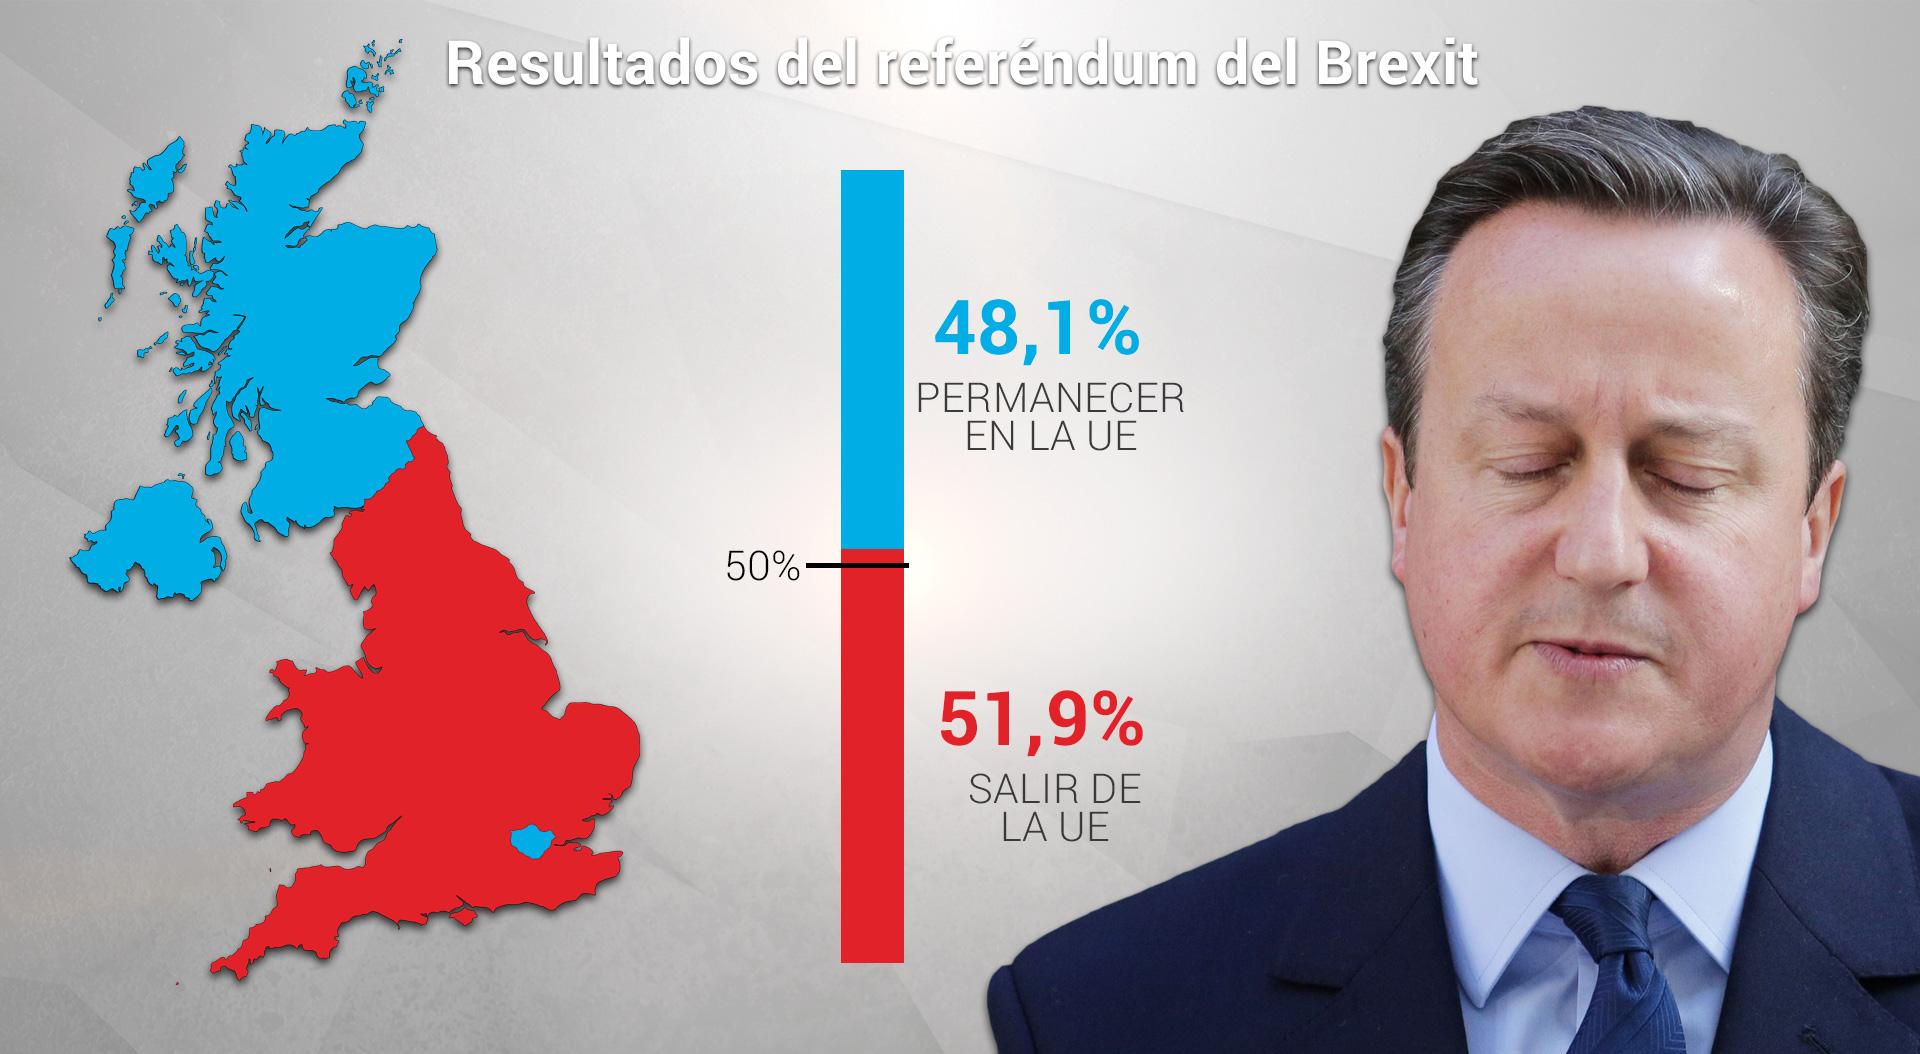 resultados-brexit-interior.jpg